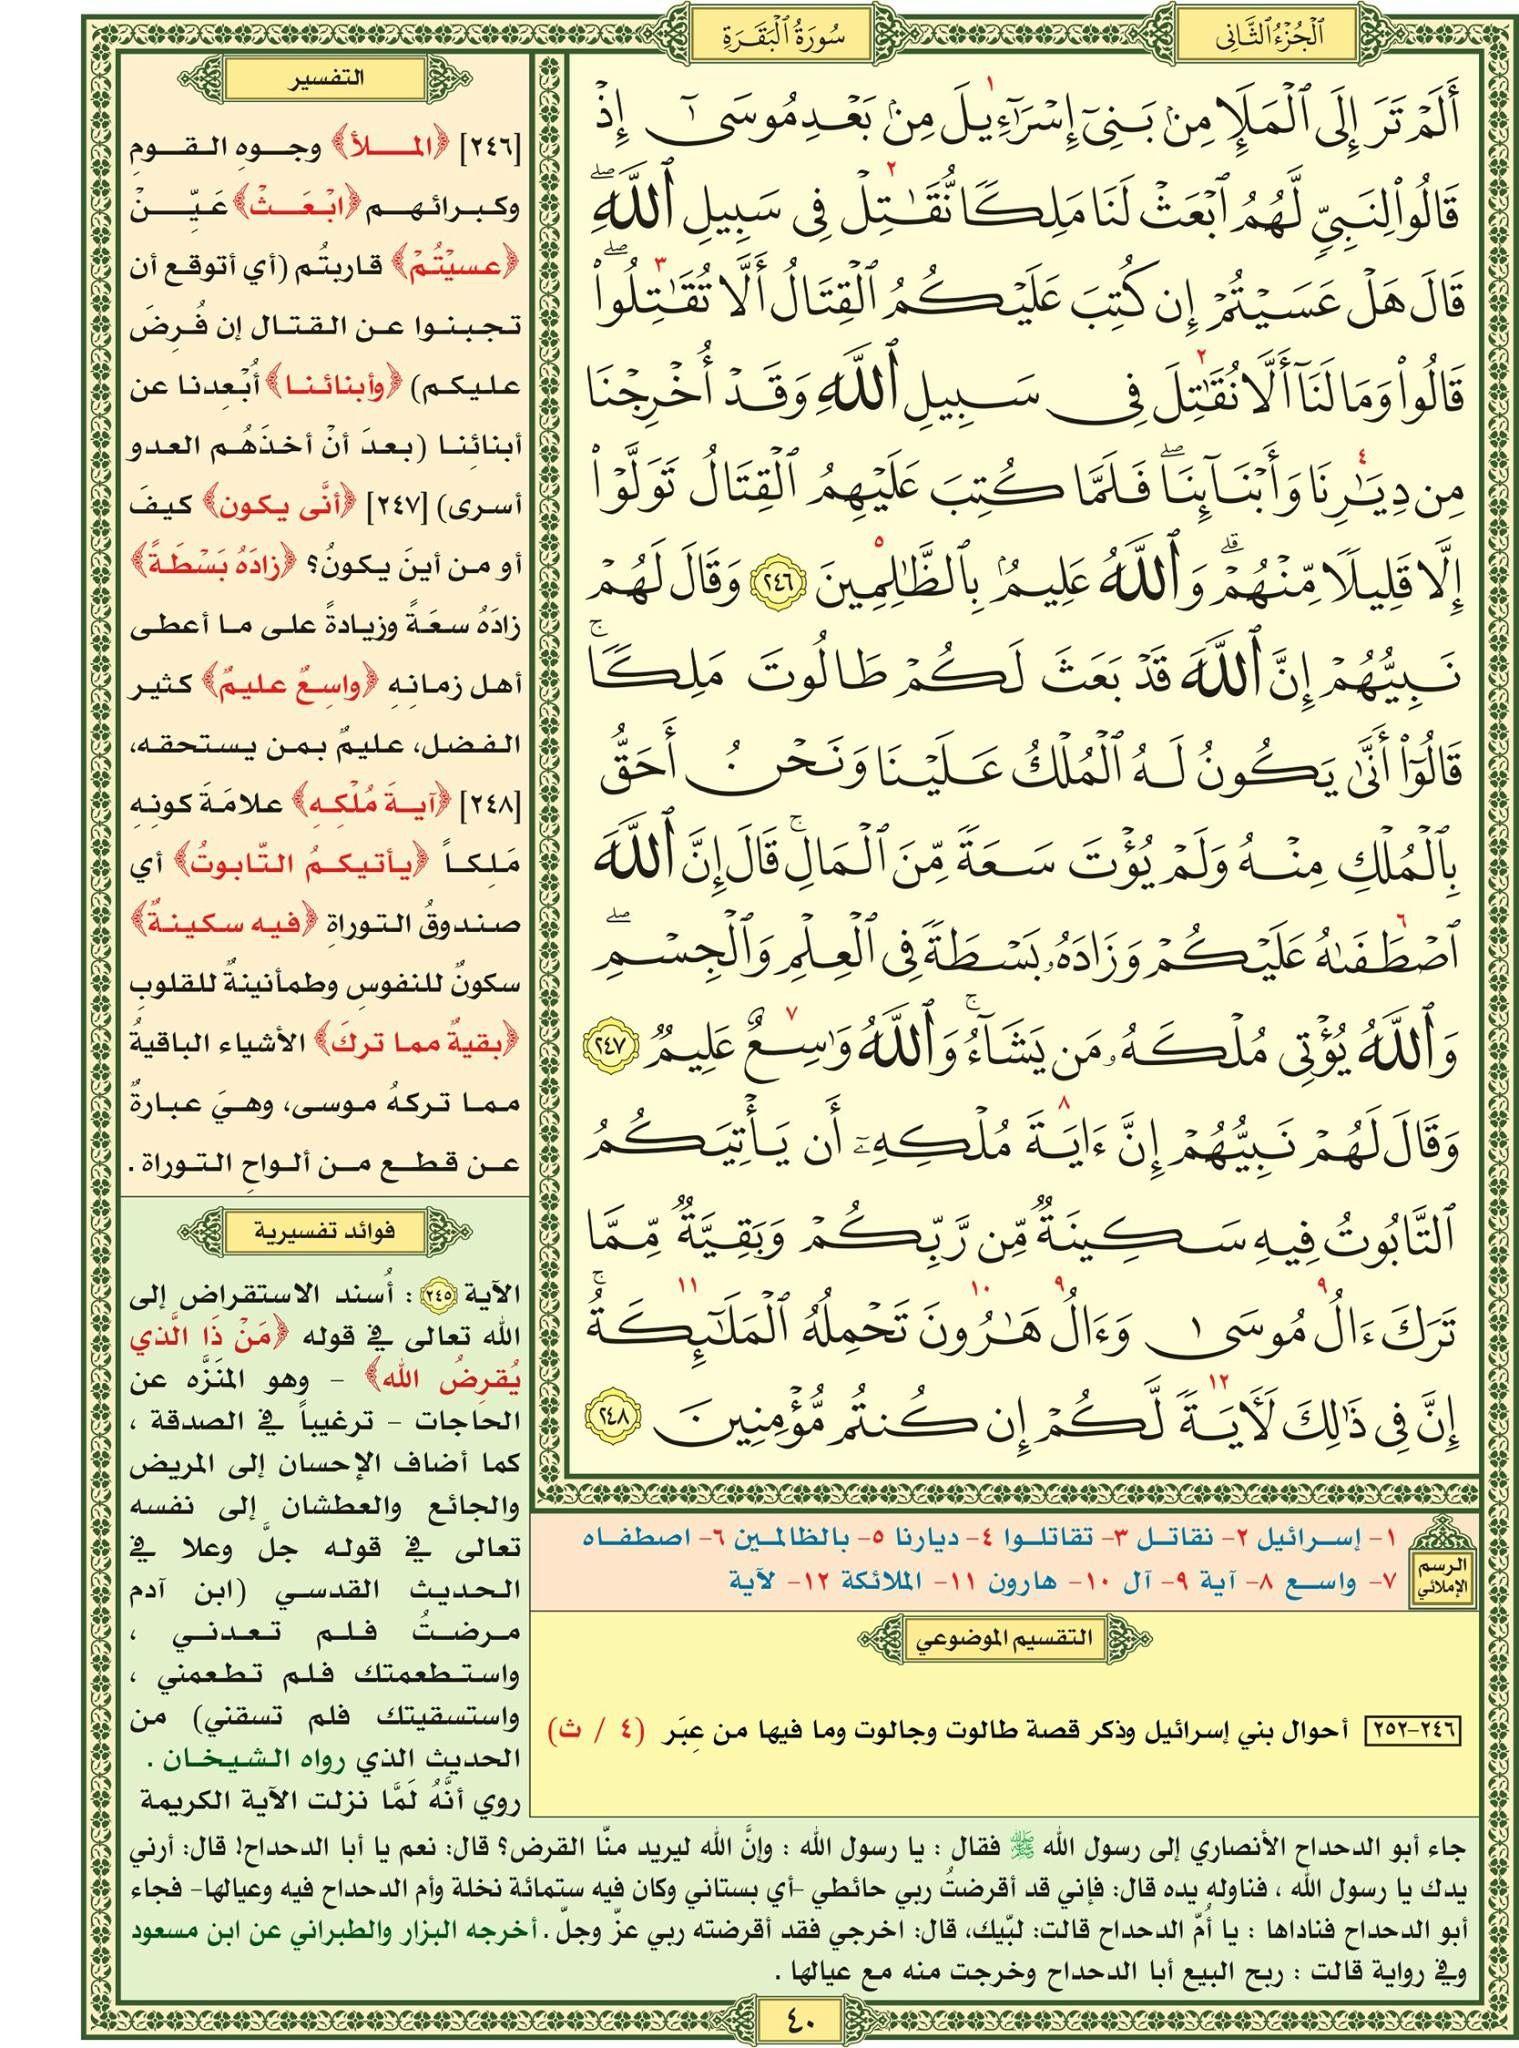 سورة البقرة صفحة رقم ٤٠ مصحف التقسيم الموضوعي للحافظ المتقن Quran Verses Verses Bullet Journal